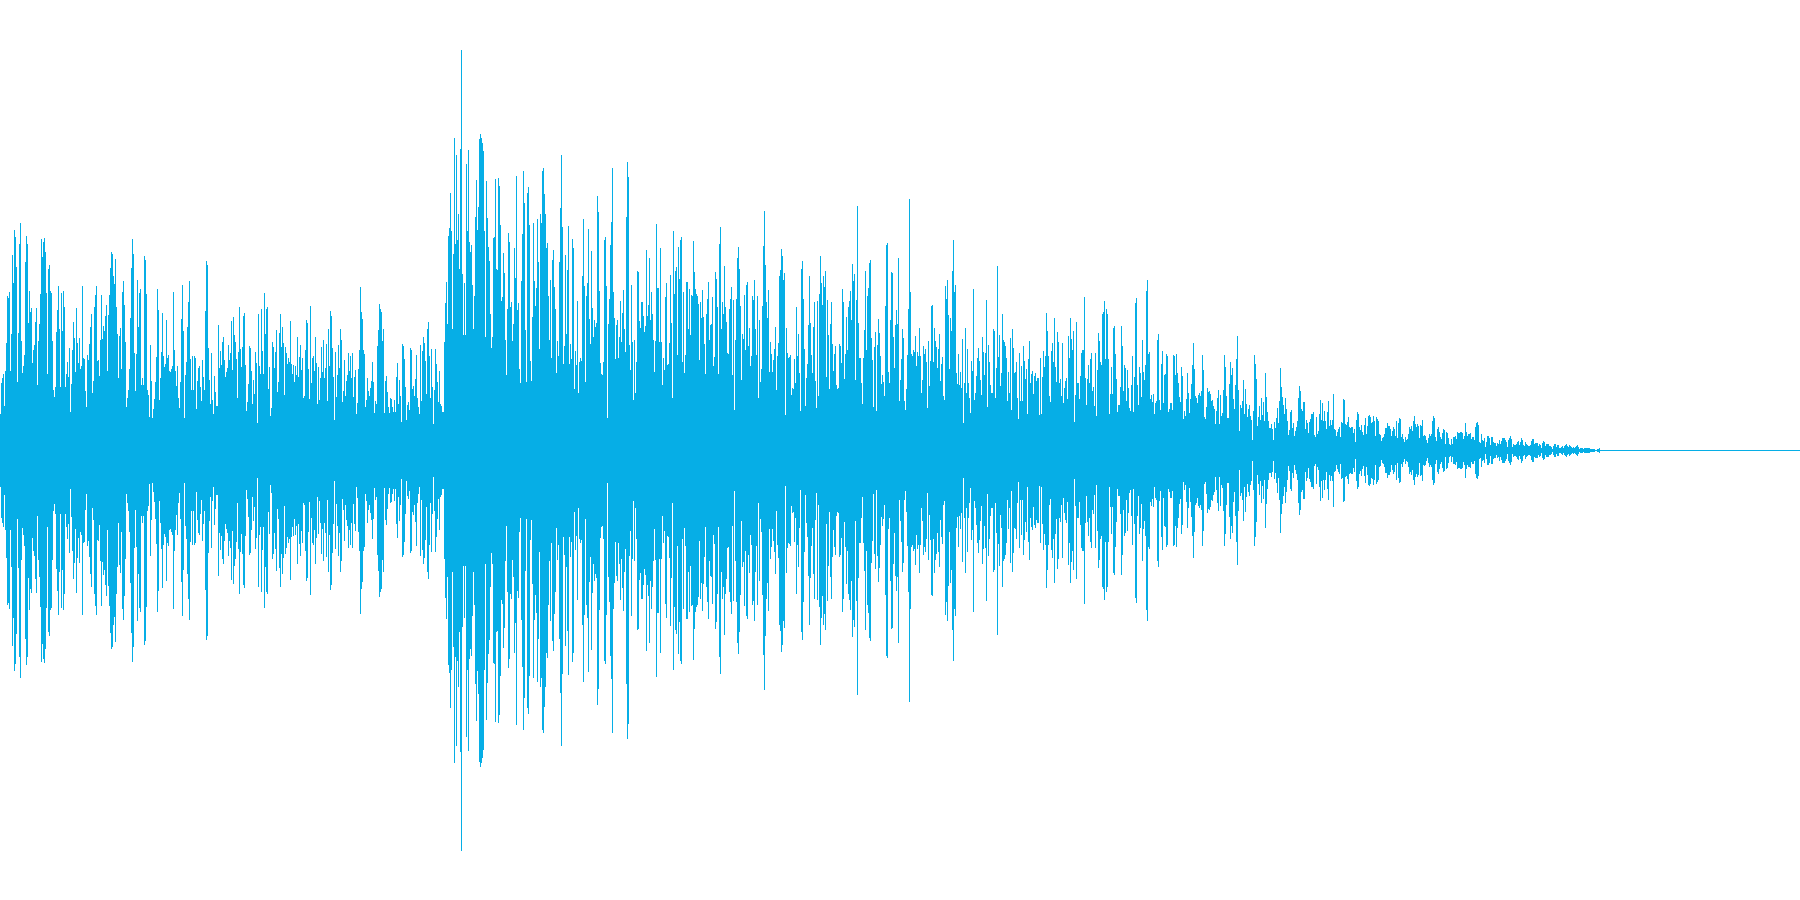 デデン(出題)の再生済みの波形